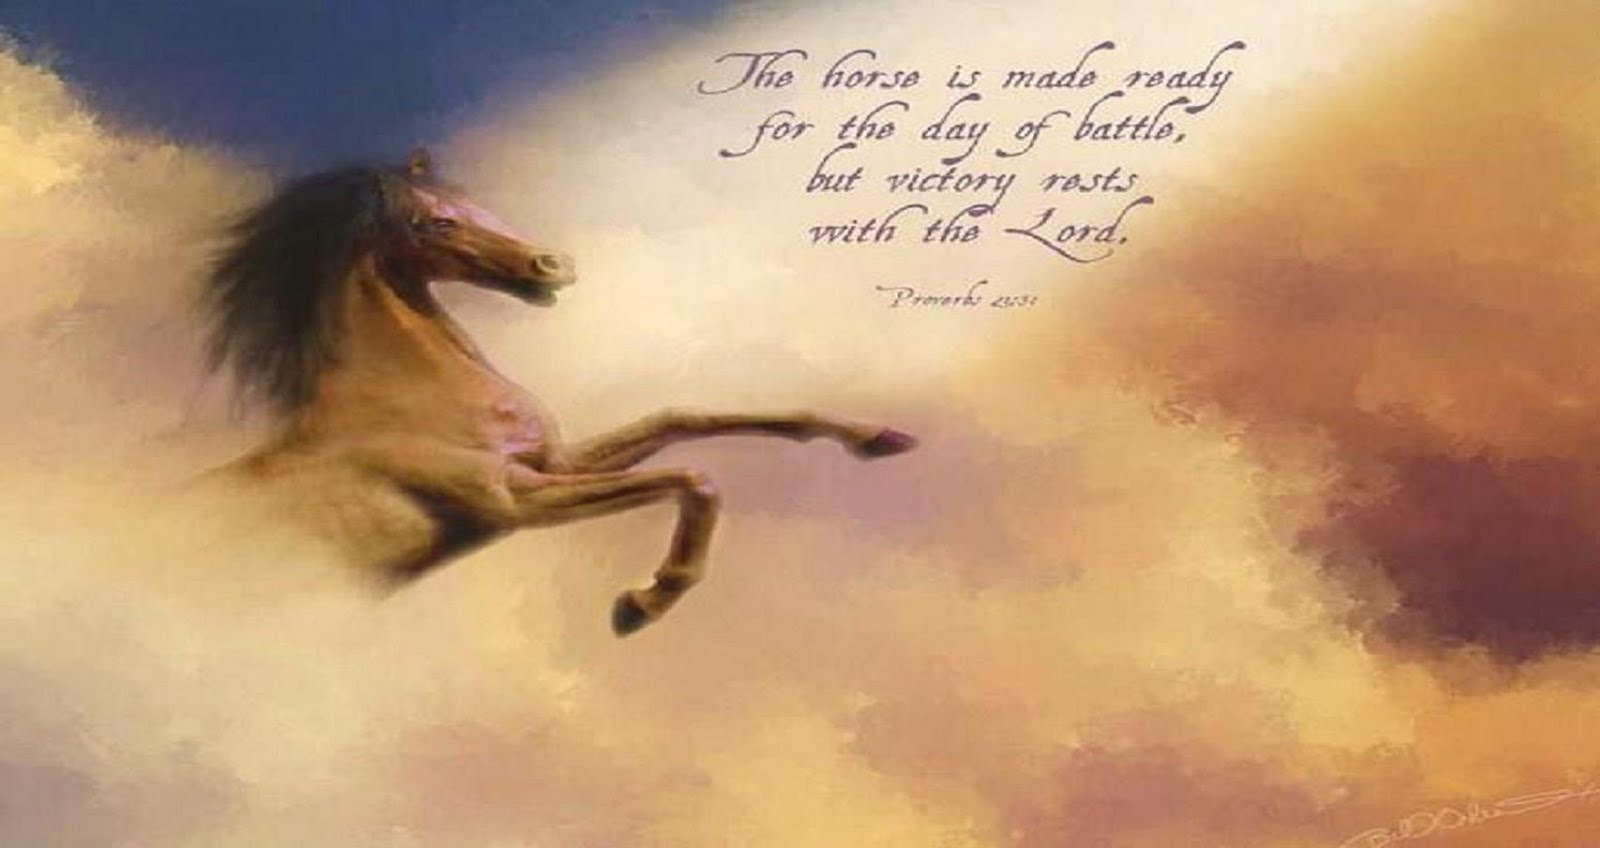 proverbs 21 31 kjv